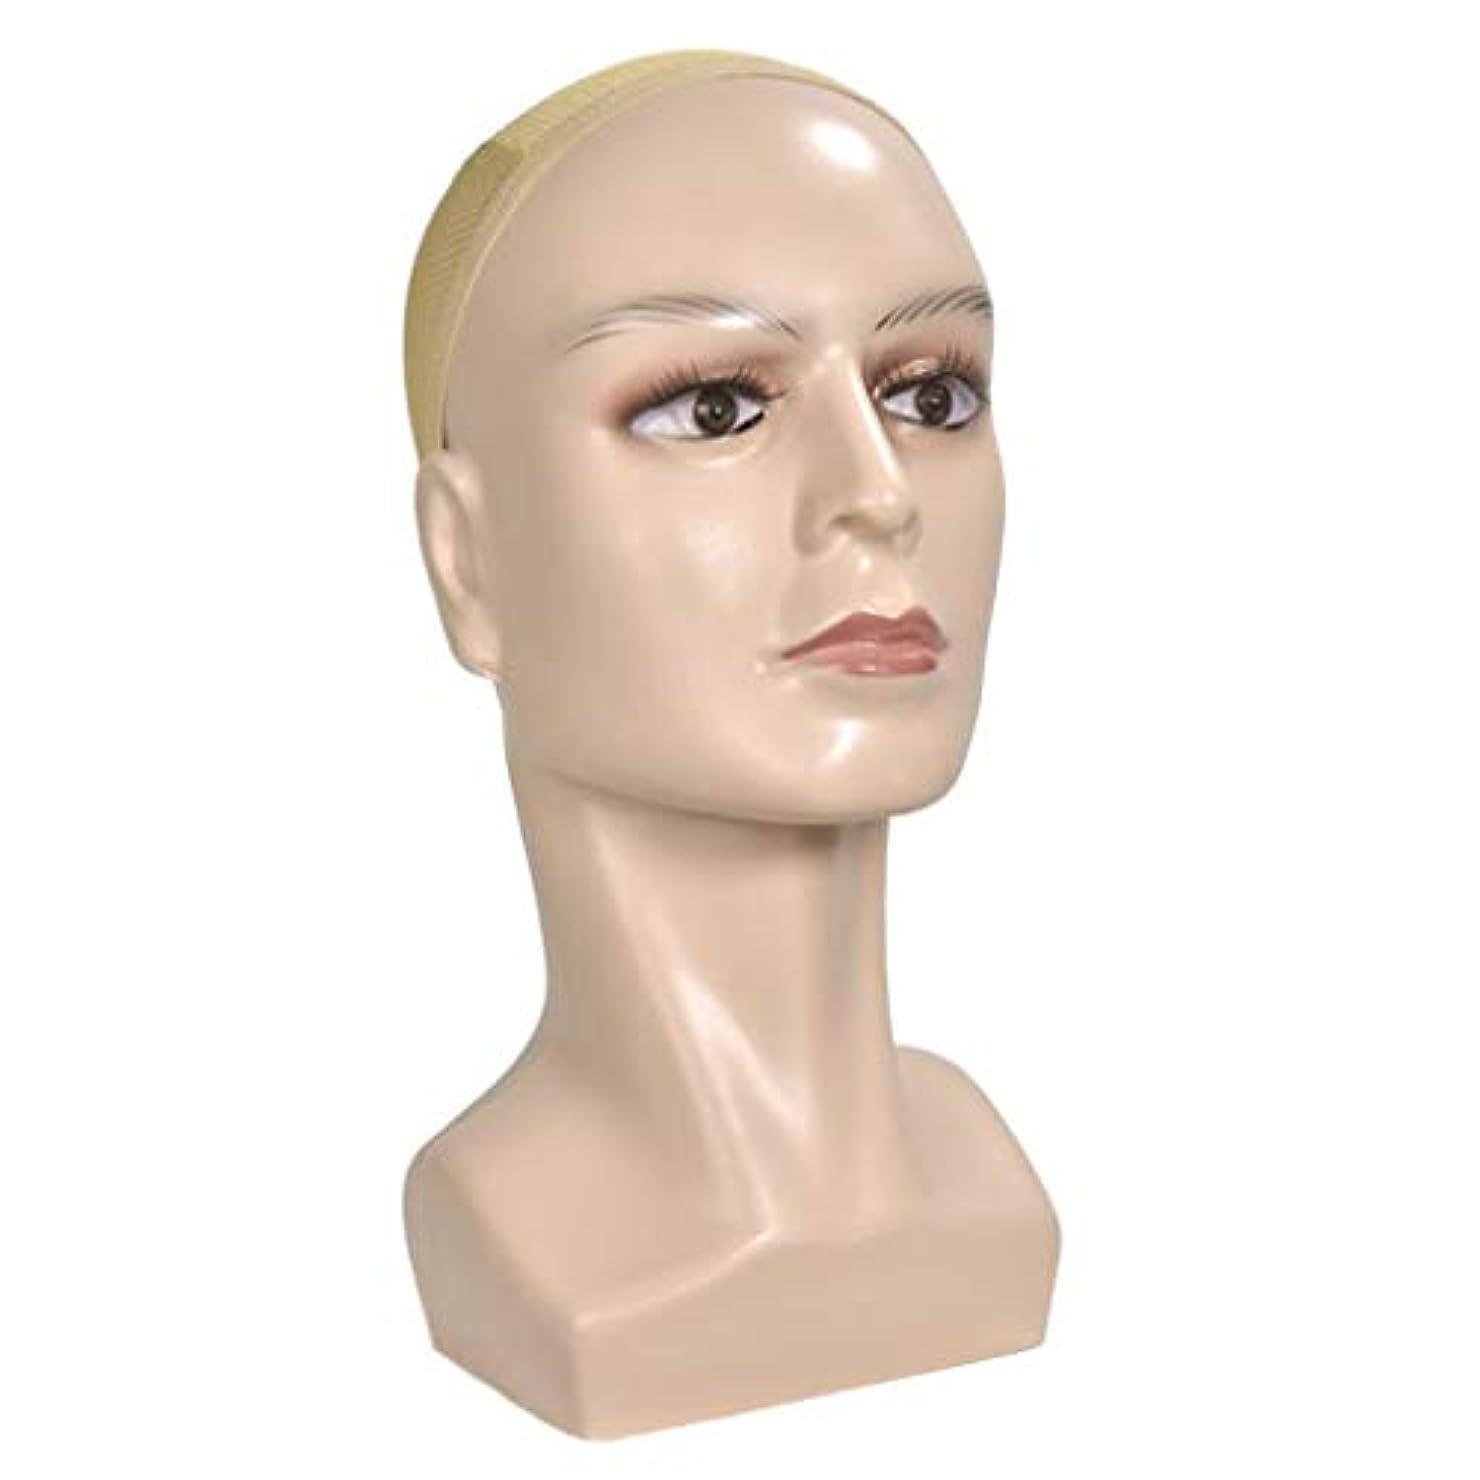 紛争不十分なライトニングCUTICATE マネキンヘッド ディスプレイ メイクトレーニング 化粧 美容 店舗 自宅 サロン 全2色 - 肌の色